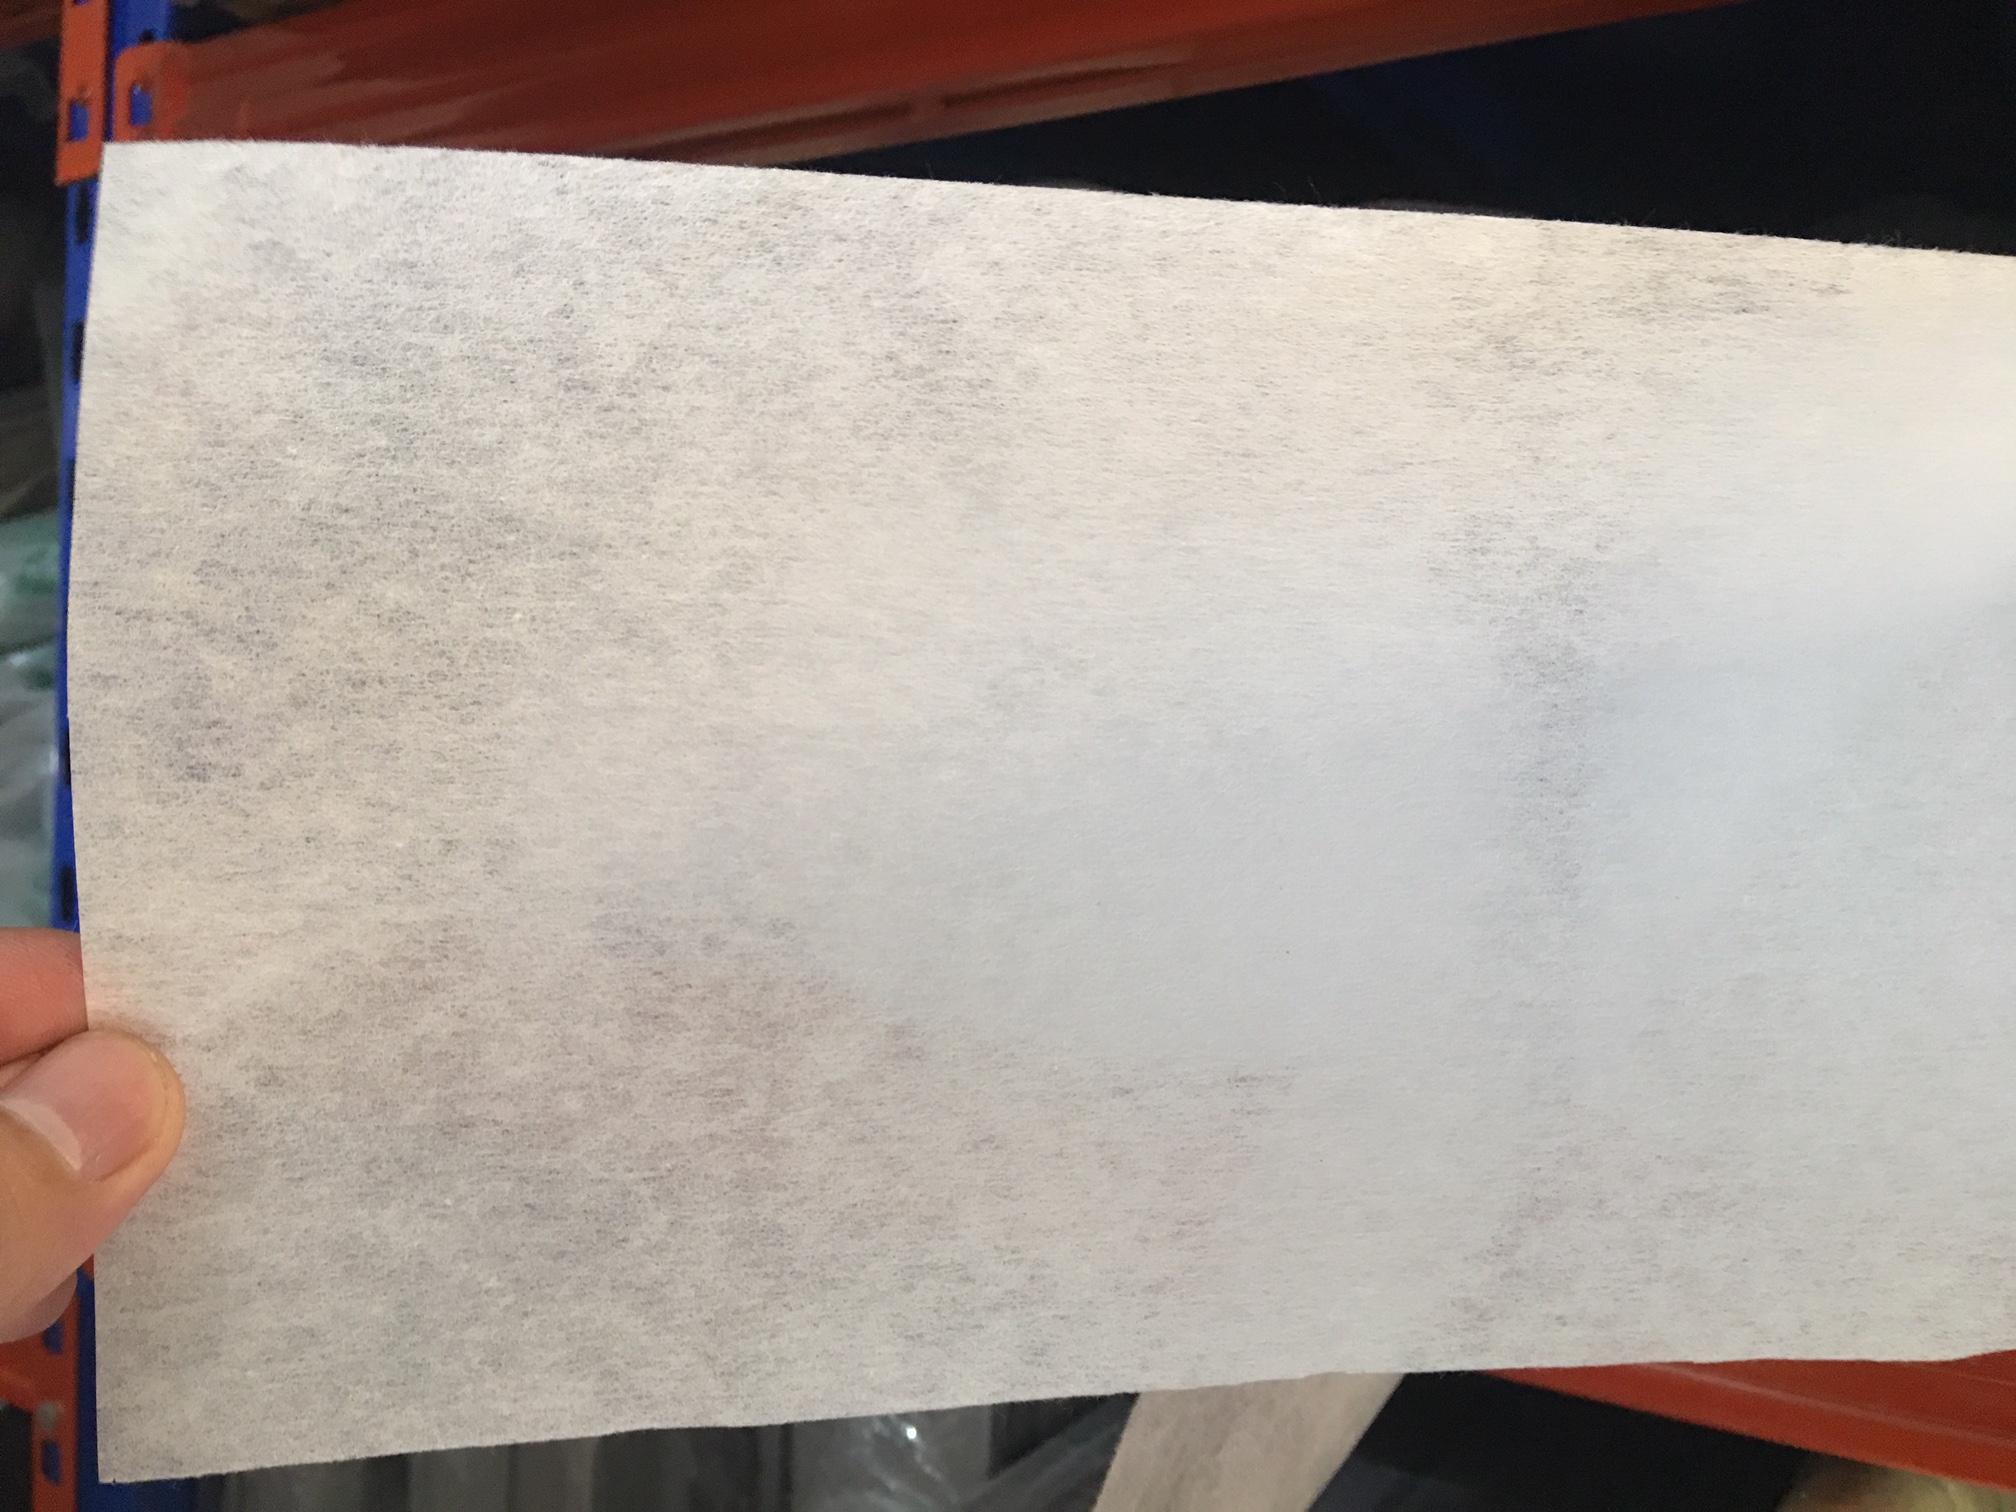 MGPT 0.75 x 100m, 50g/ m2 lọc cặn máy mài, máy cắt, lọc hóa chất